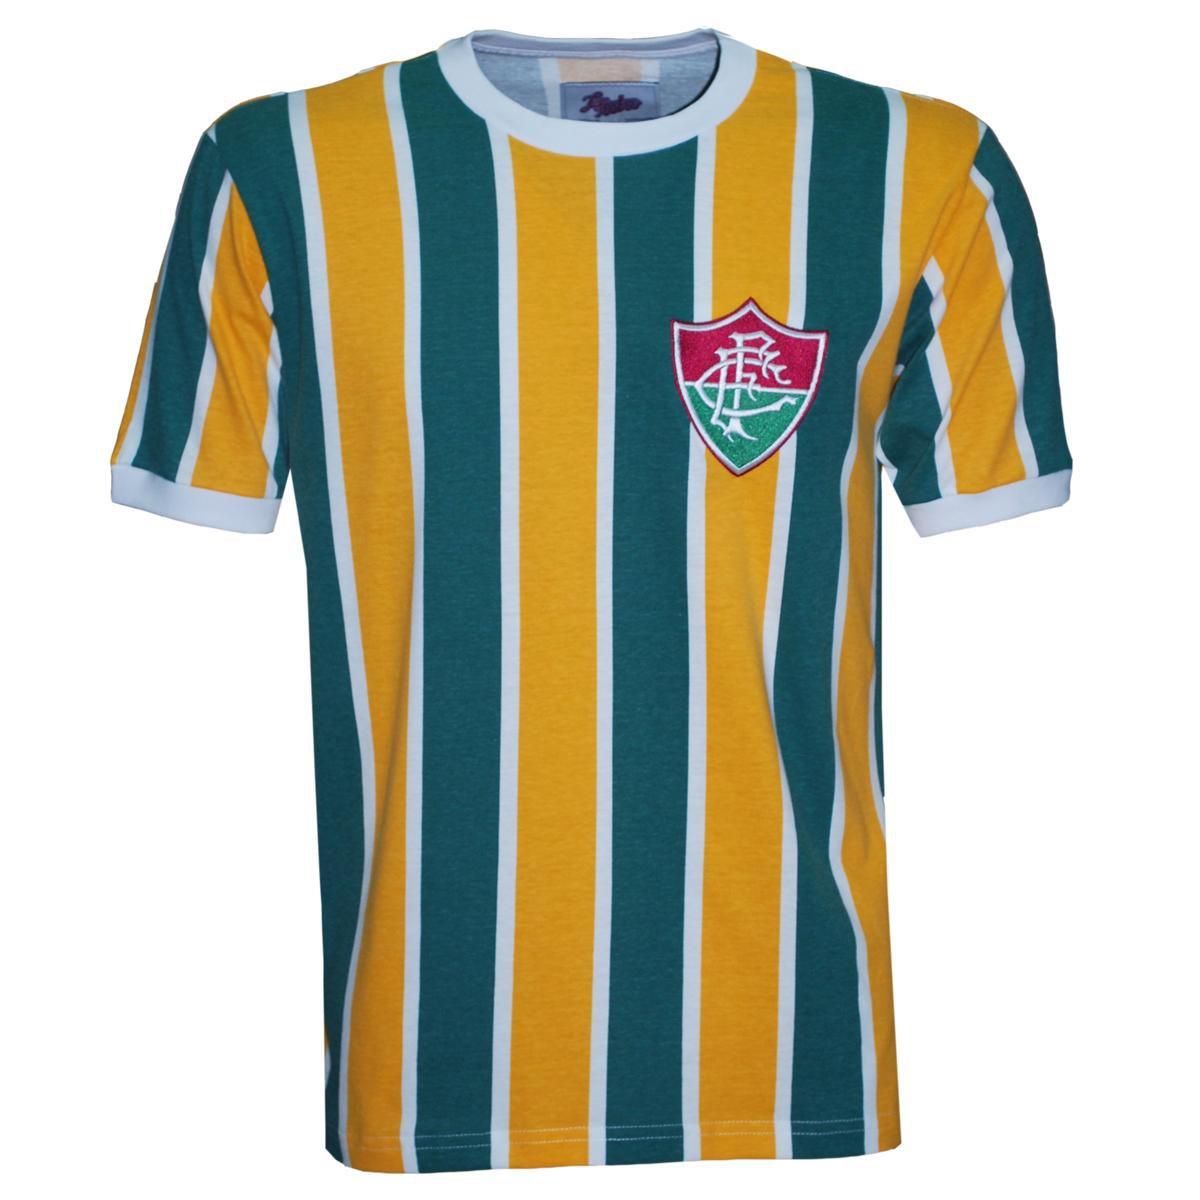 62bed7a1efabe Camisa Liga Retrô Fluminense Brasil Masculina - Edição Limitada - Compre  Agora